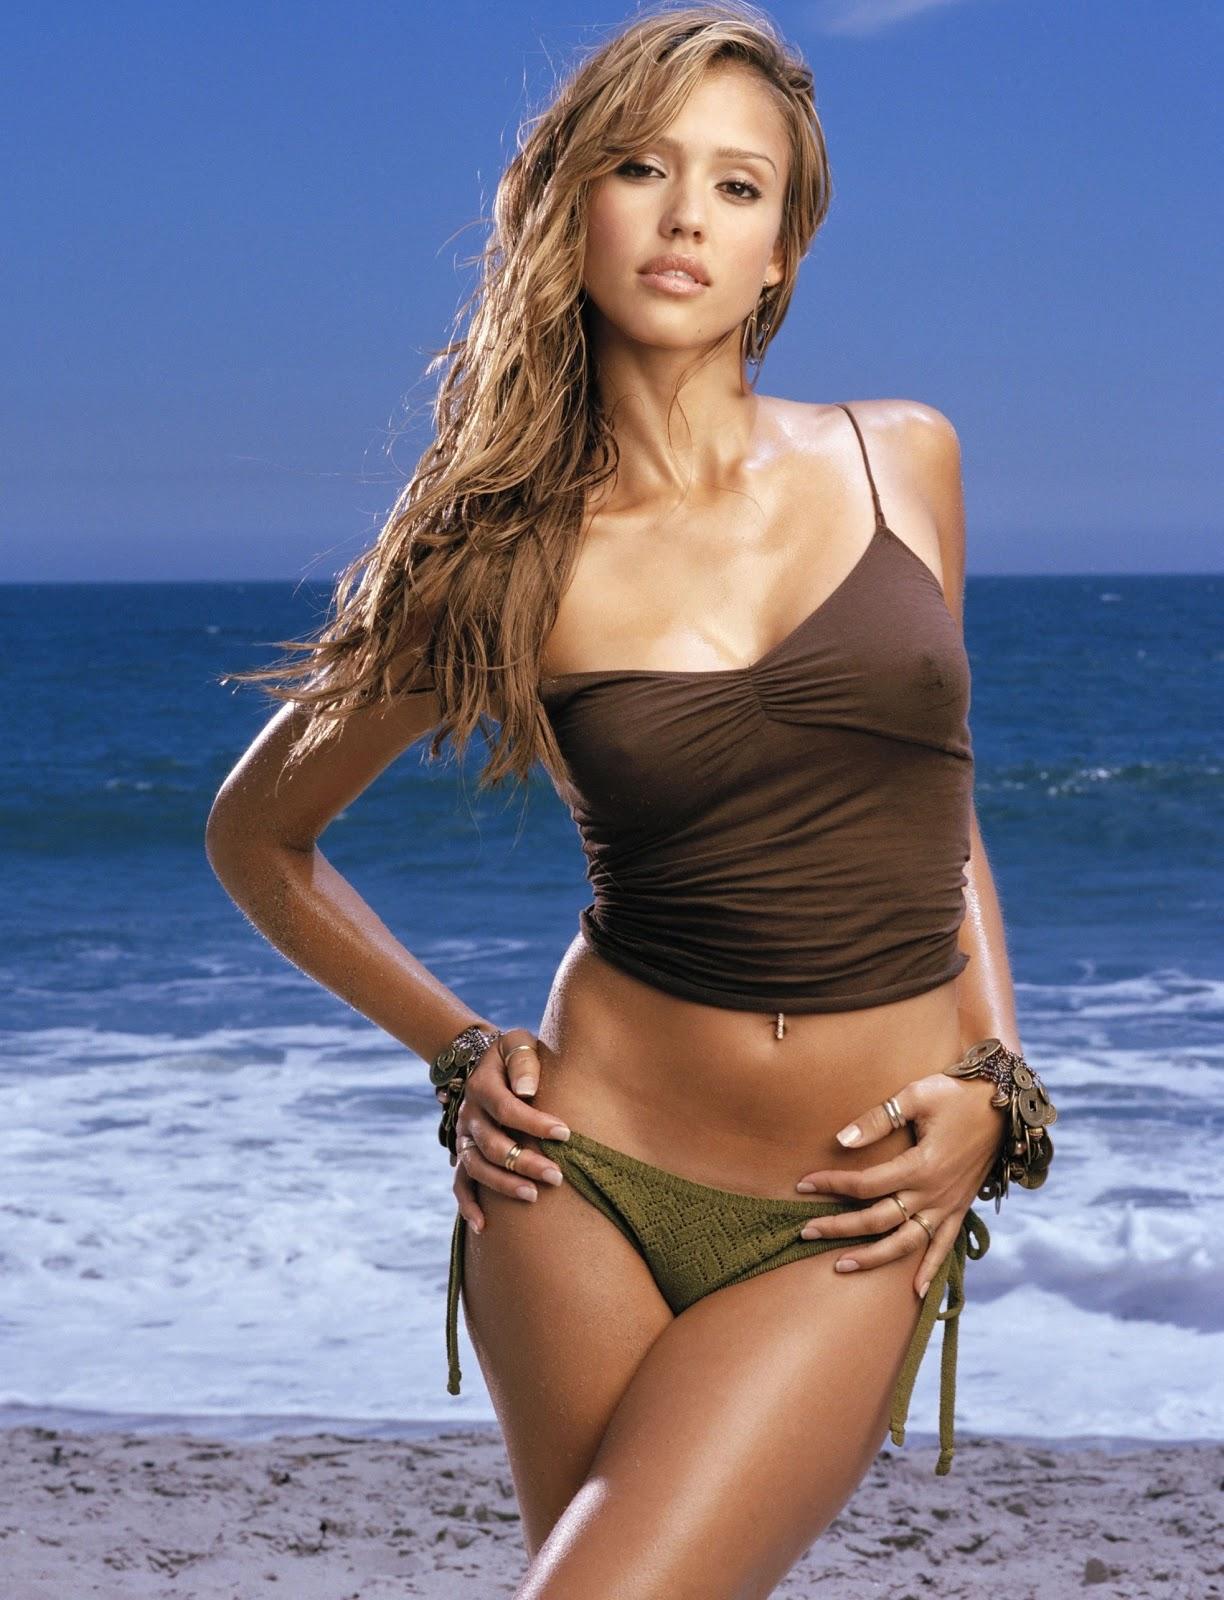 http://2.bp.blogspot.com/-gxL15gSHqHU/UMcXACcuFBI/AAAAAAAAAUM/2zdHtXfm5m8/s1600/JessicaAlbaMaxim05.jpg